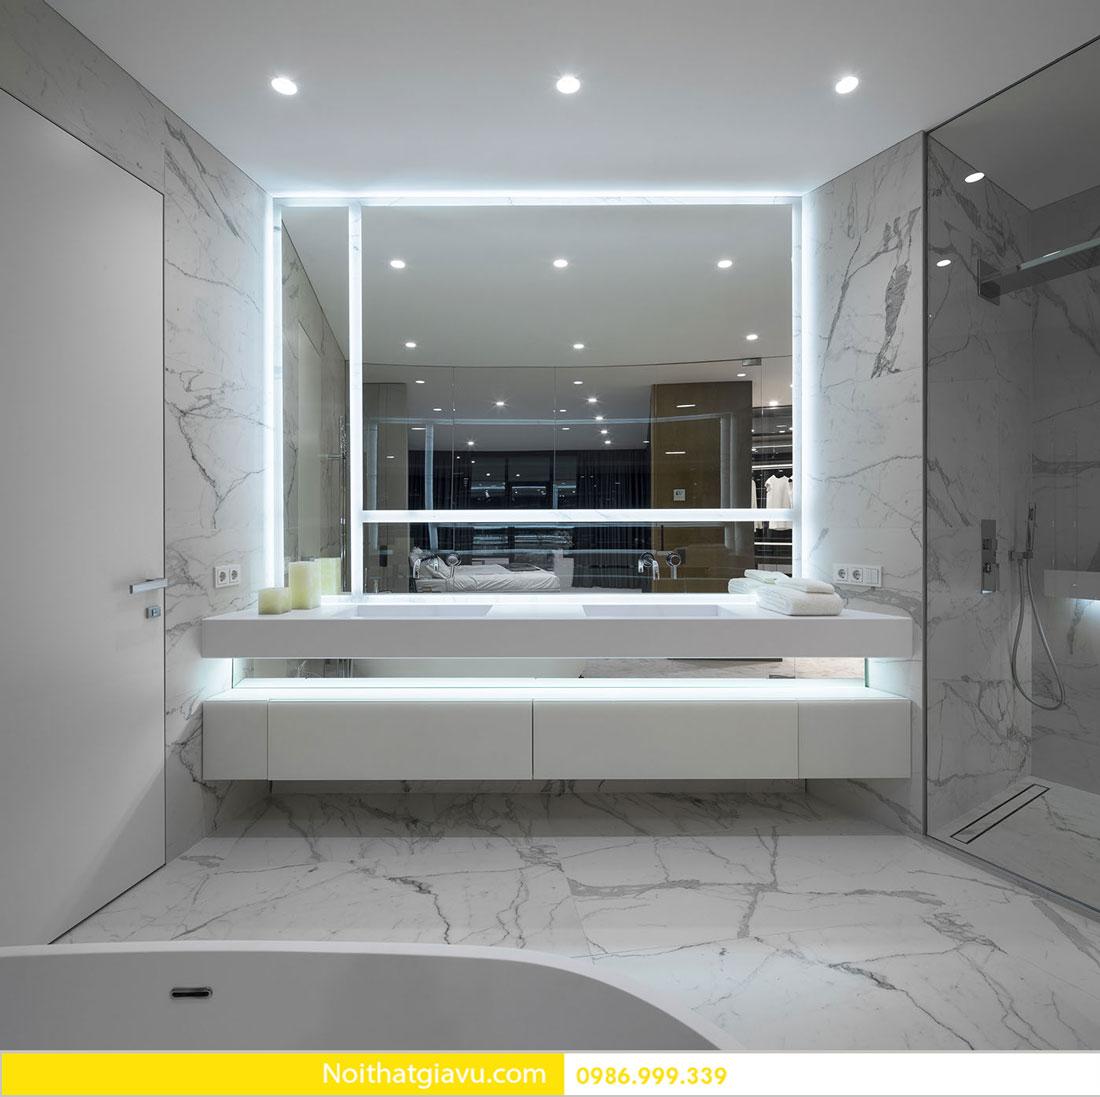 mẫu thiết kế nội thất chung cư hiện đại trẻ trung 11